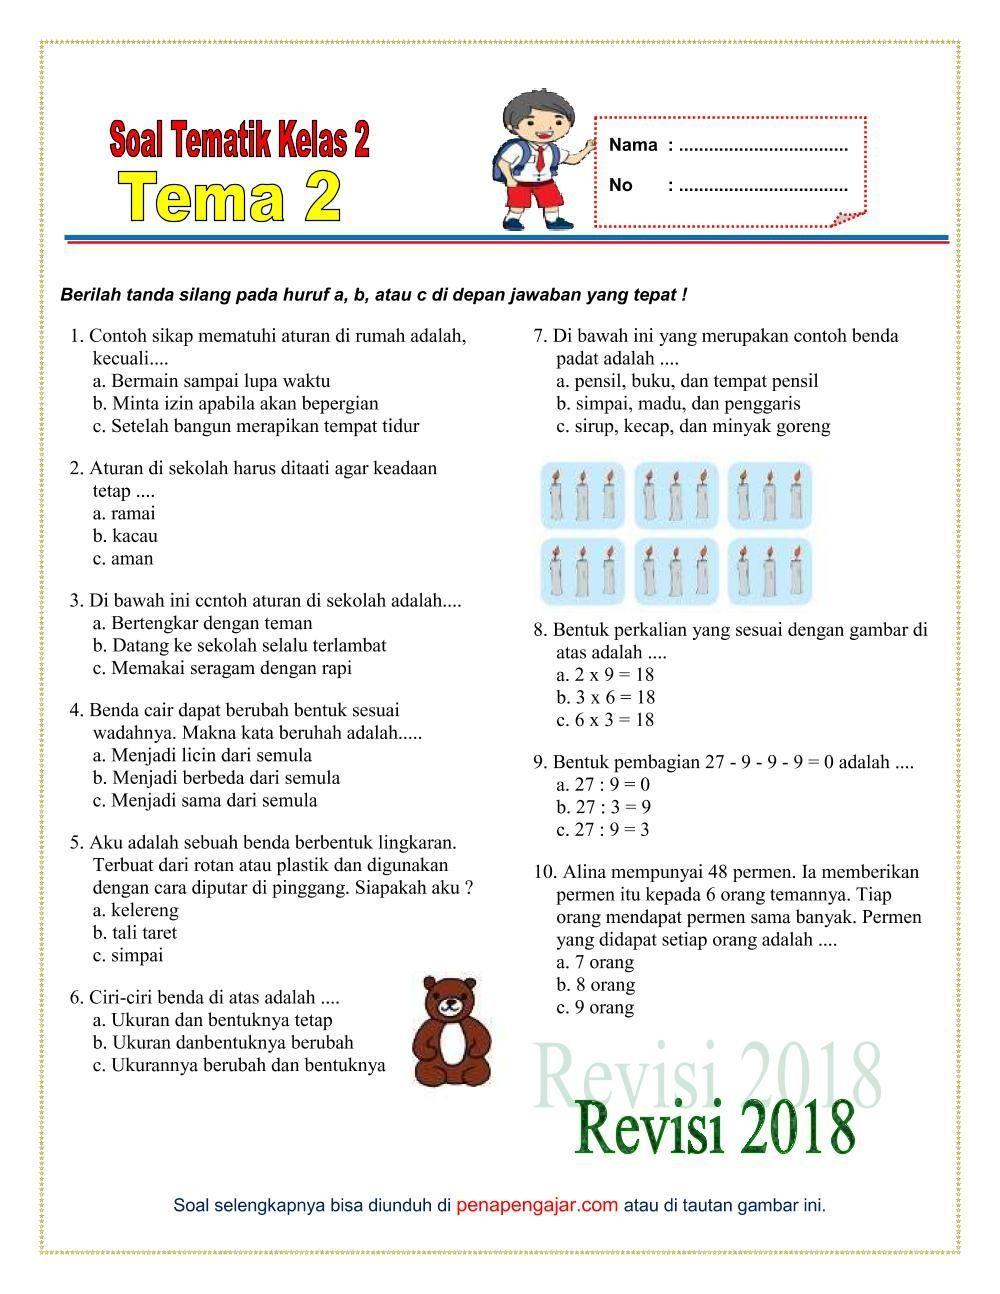 Soal Uts Matematika Kelas 9 Semester 2 2019 Di 2021 Kurikulum Matematika Kelas 5 Matematika